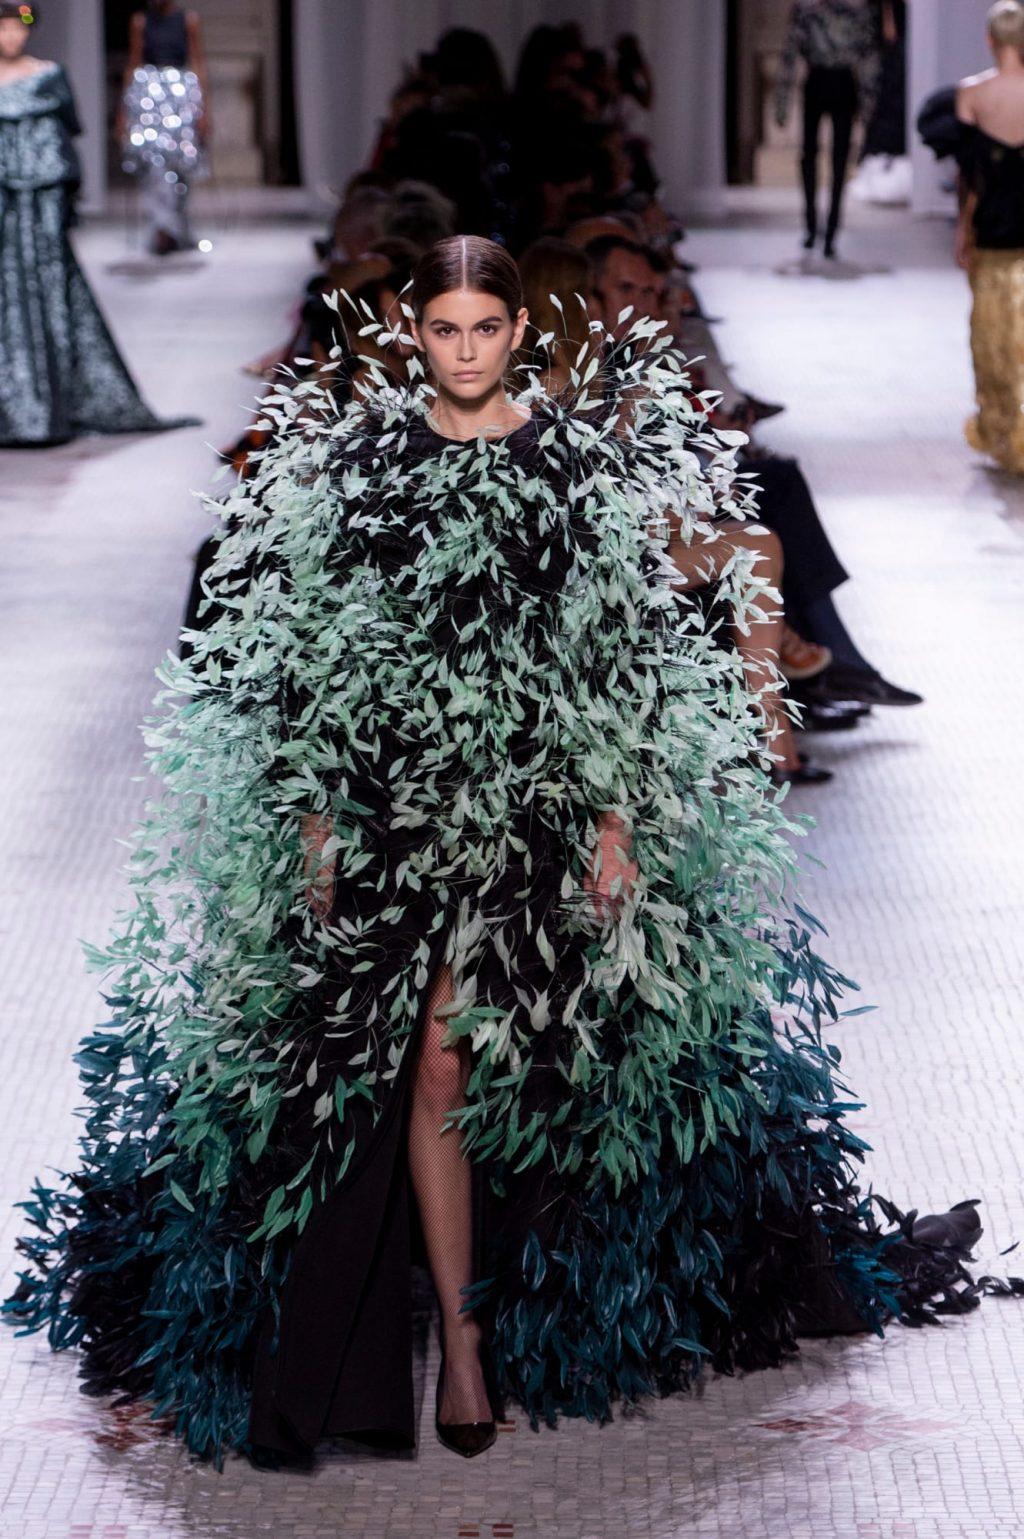 bộ sưu tập haute couture thu đông 2019 của givenchy 4